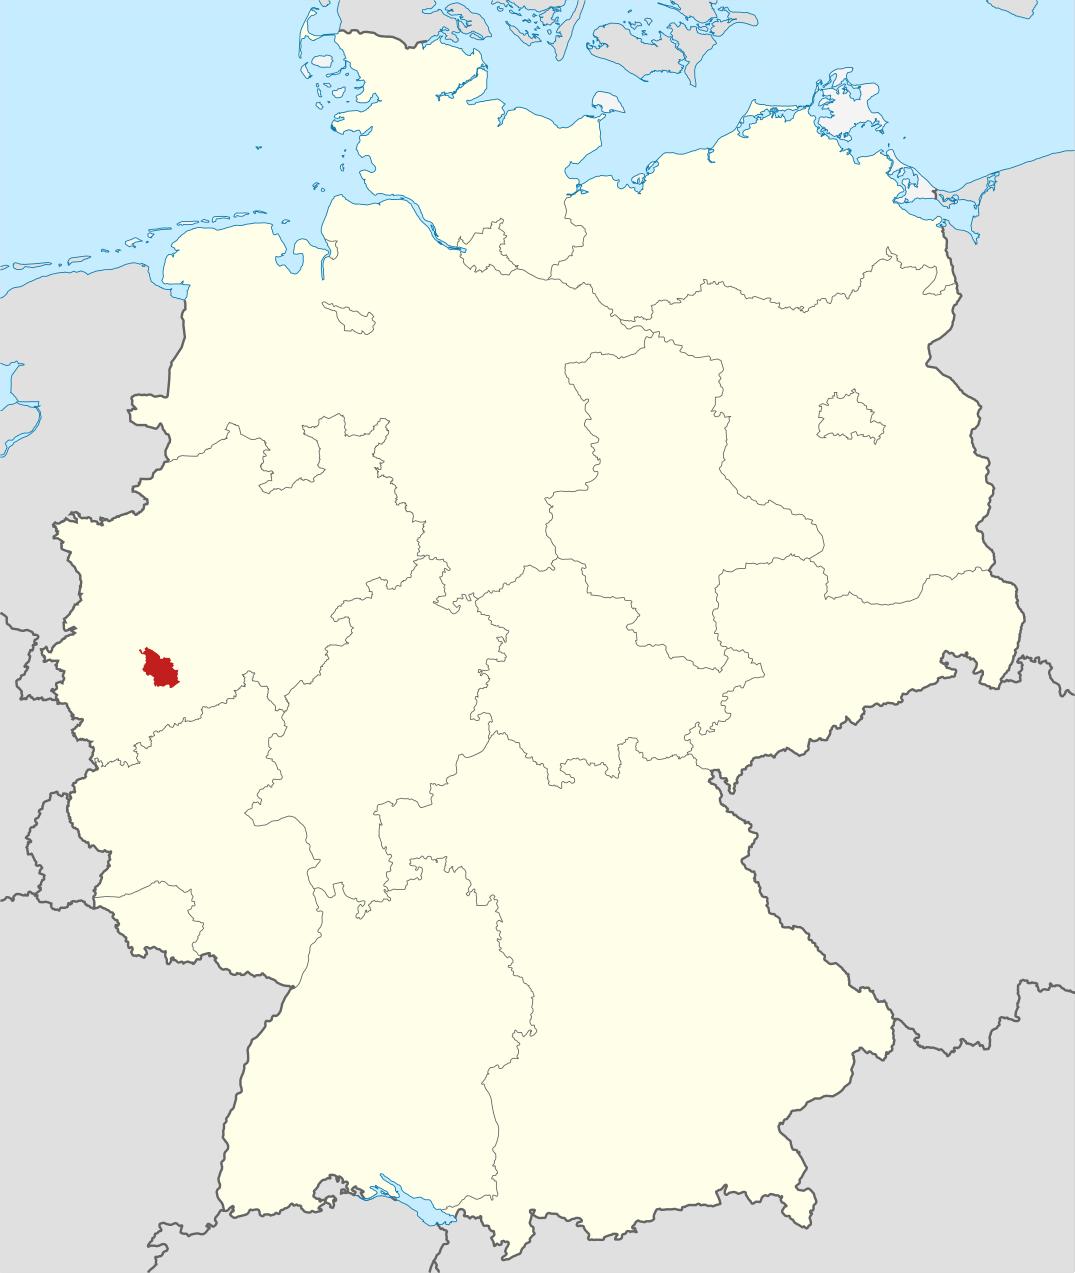 deutschland karte köln Deutschlandkarte, Position der Stadt Köln hervorgehoben